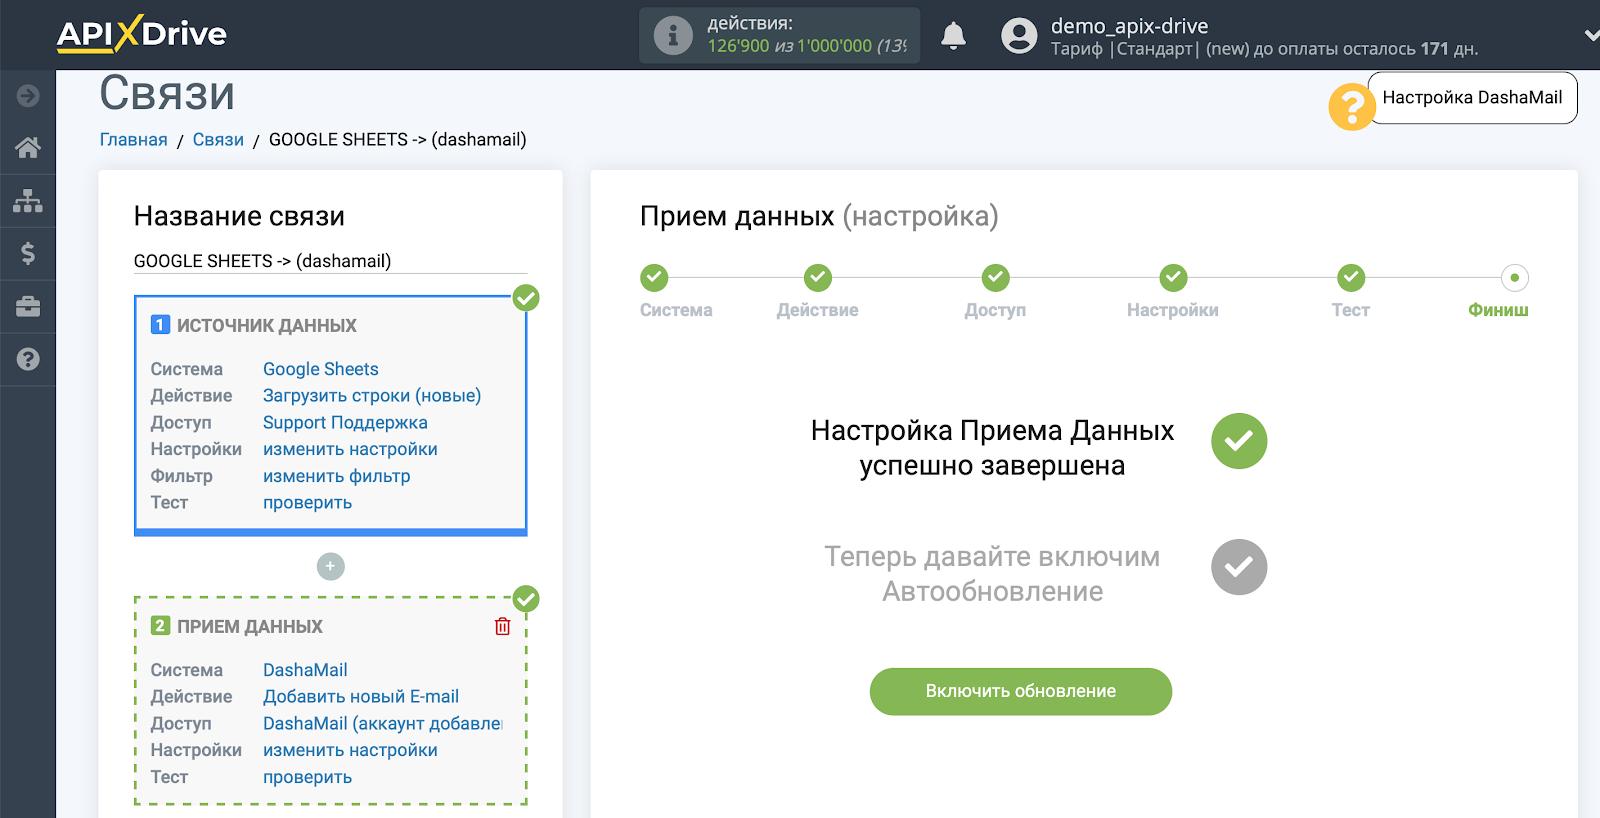 Настройка Приема данных в DashaMail | Переход к включению автообновления